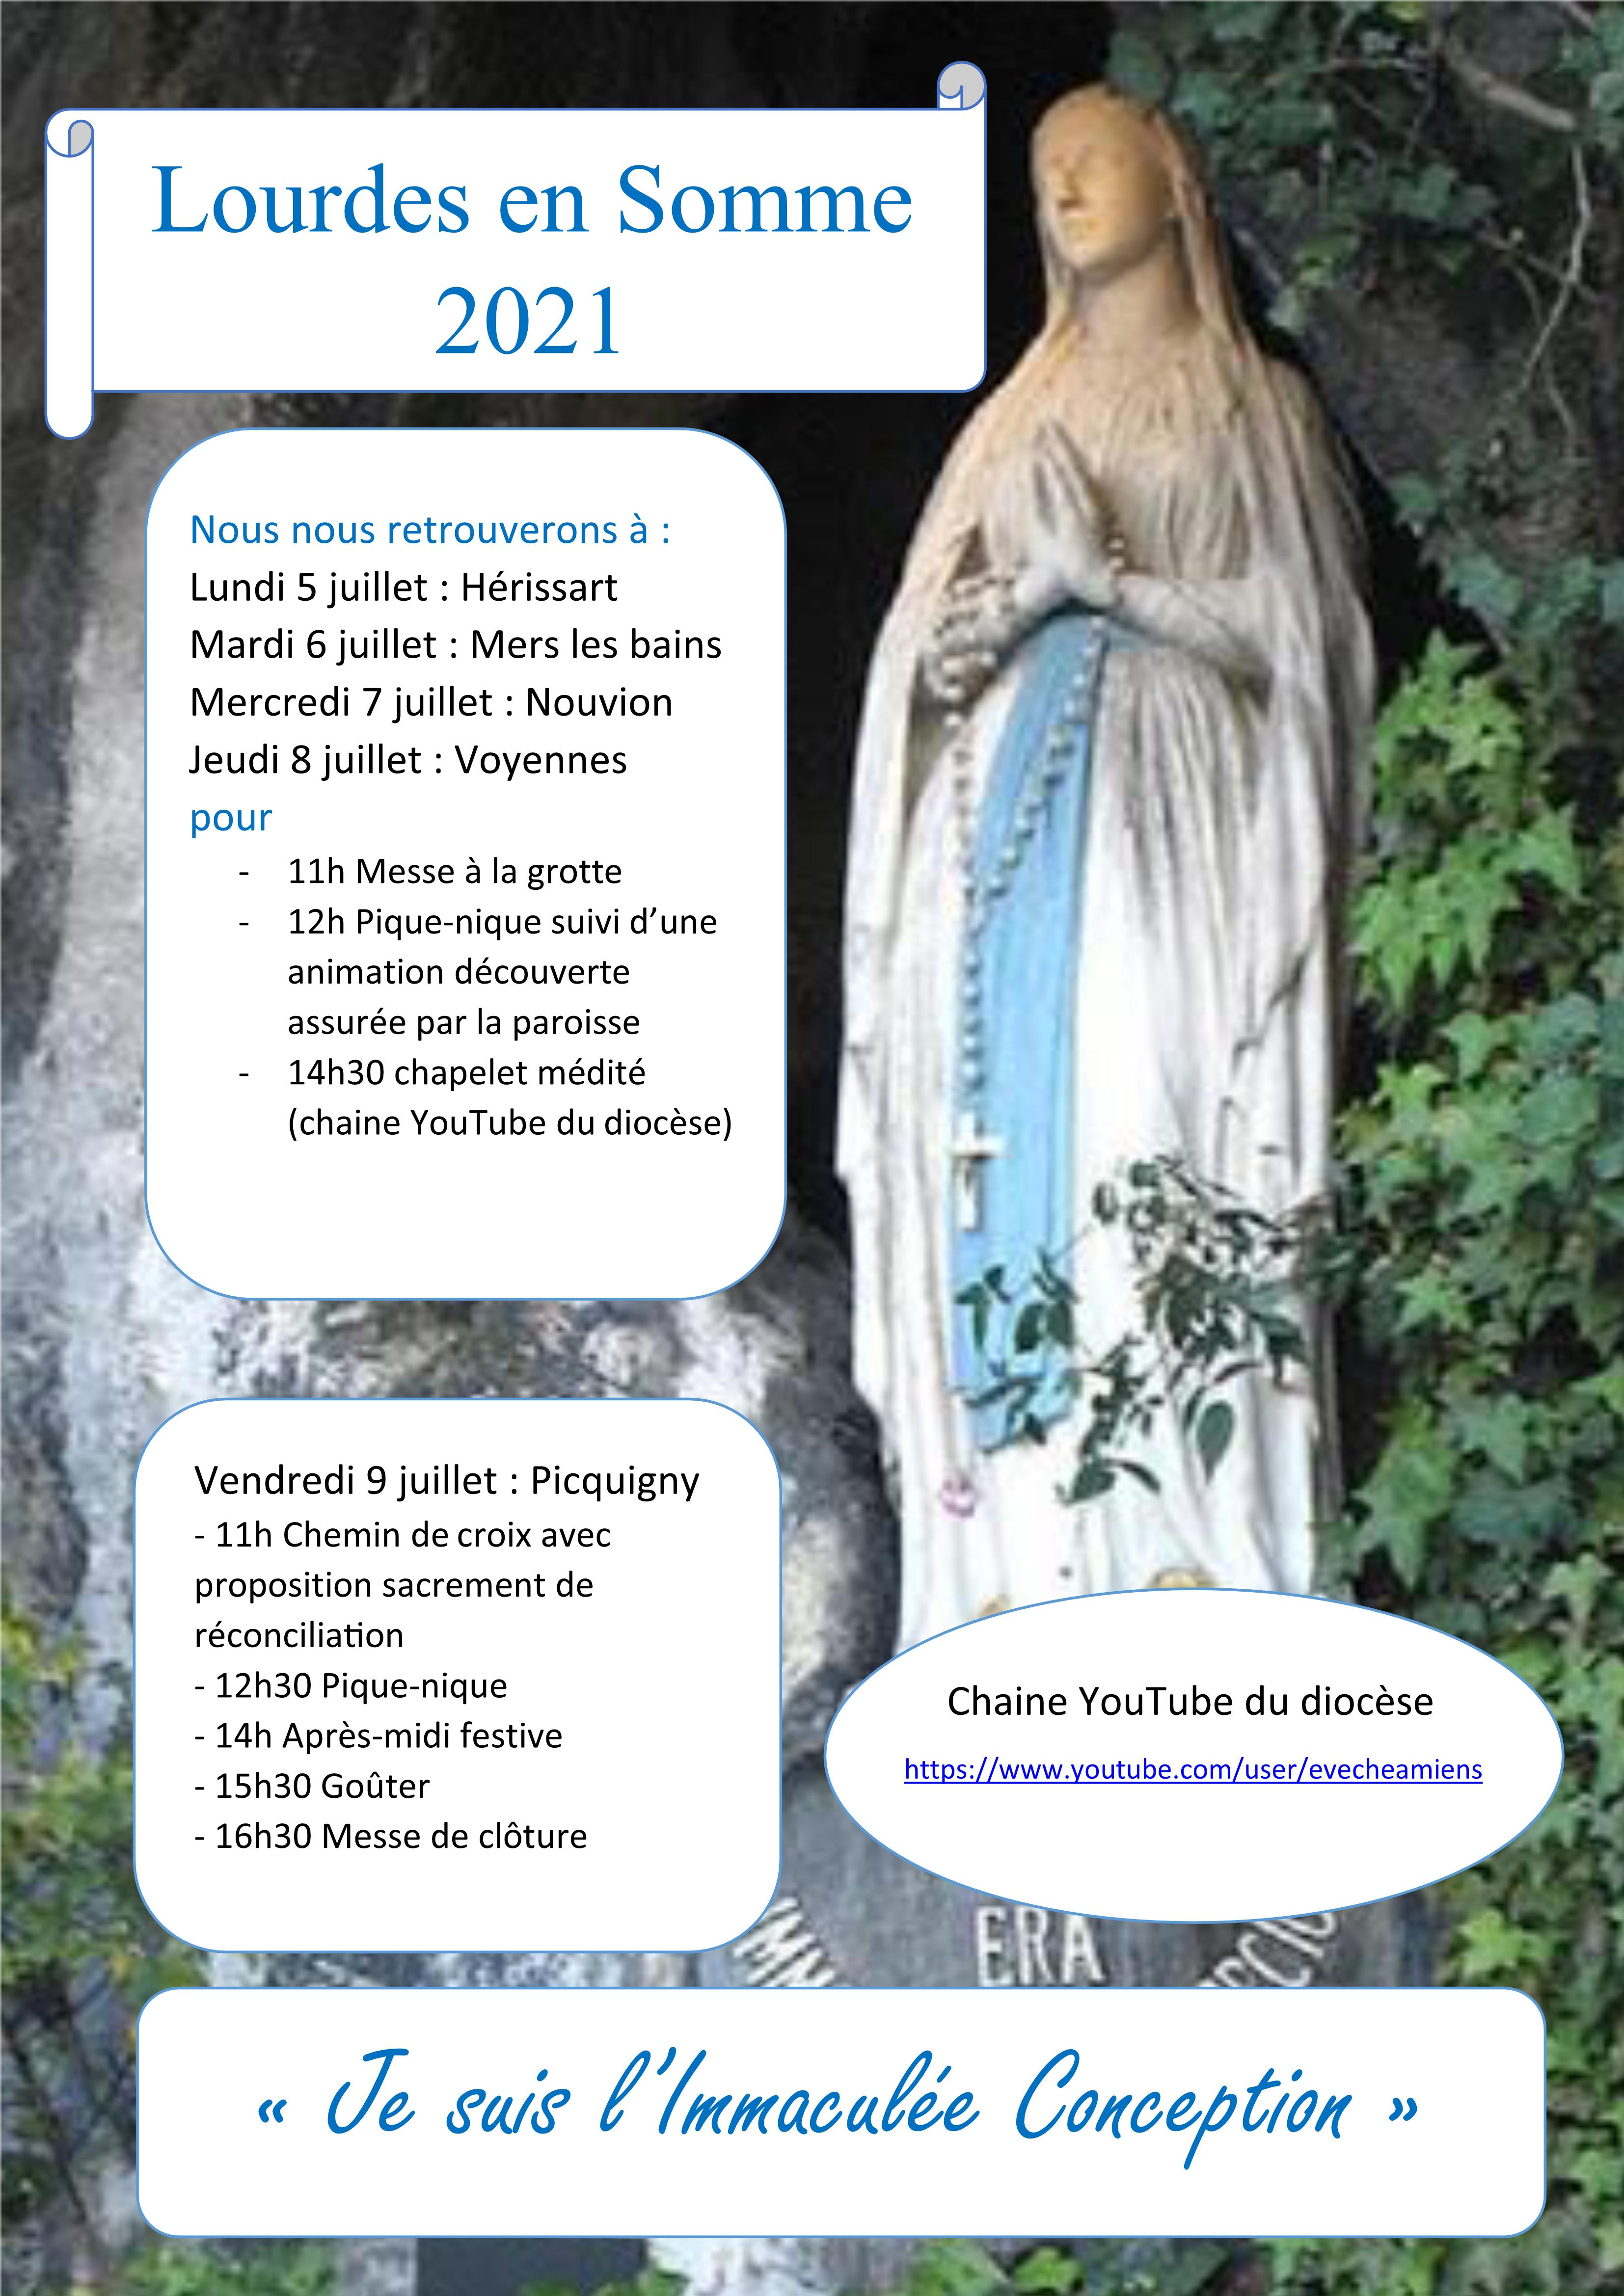 Pèlerinage Lourdes en Somme